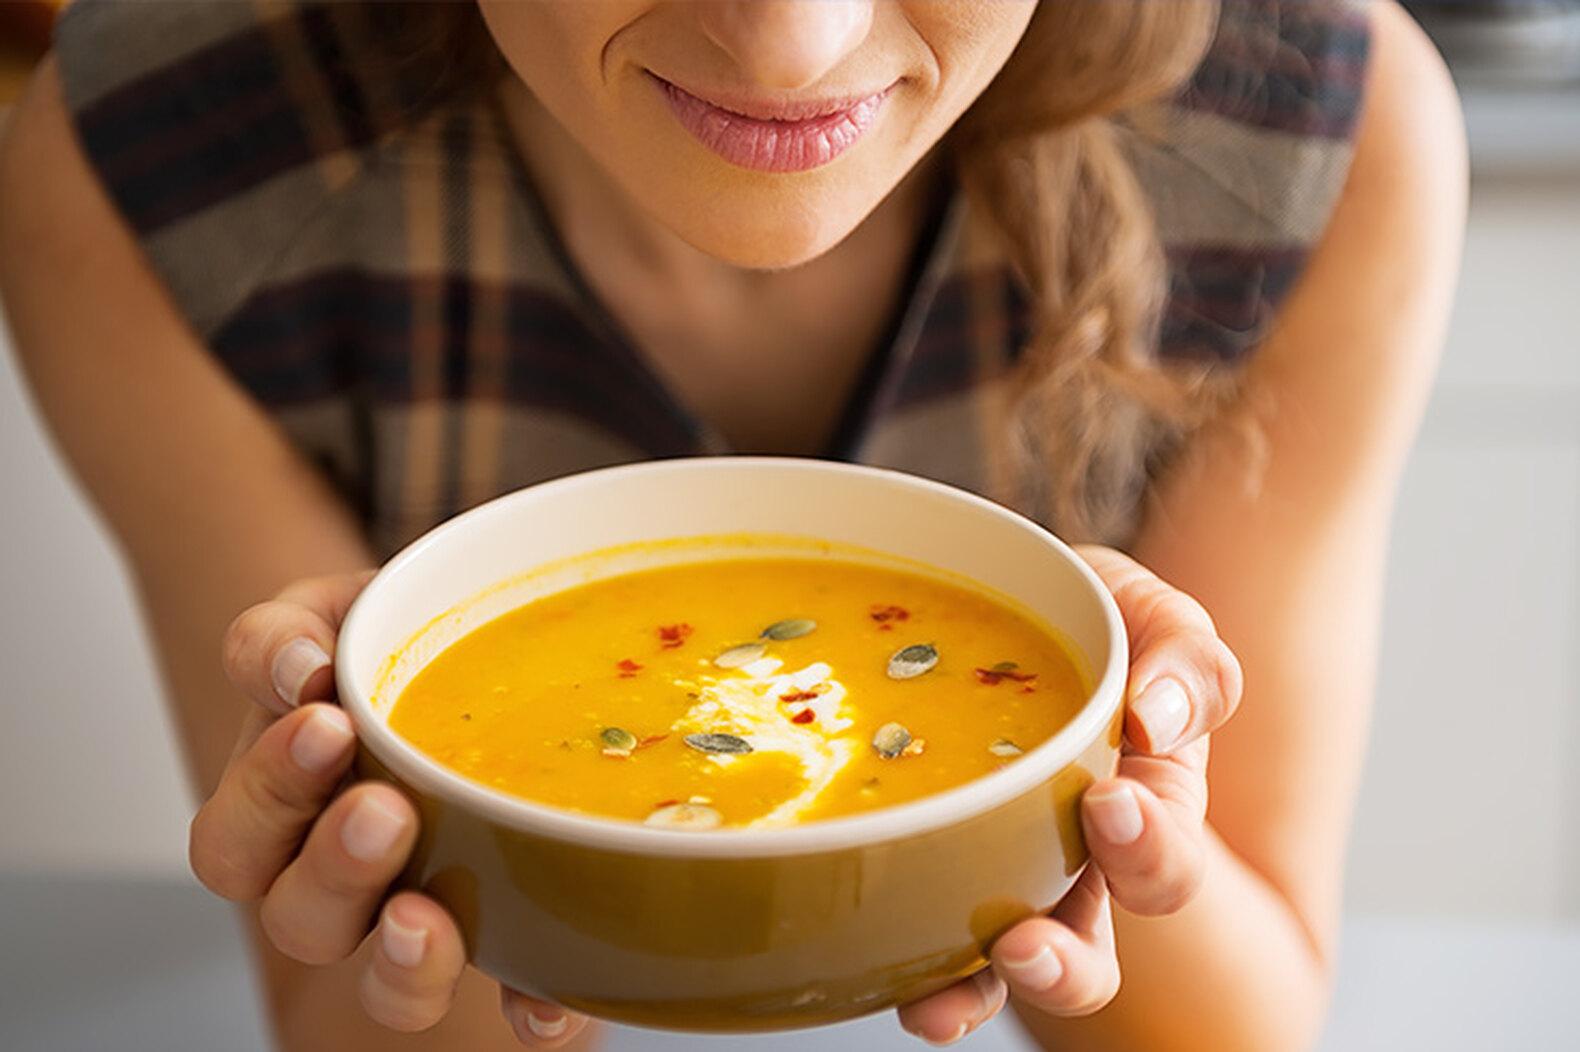 купа със супа